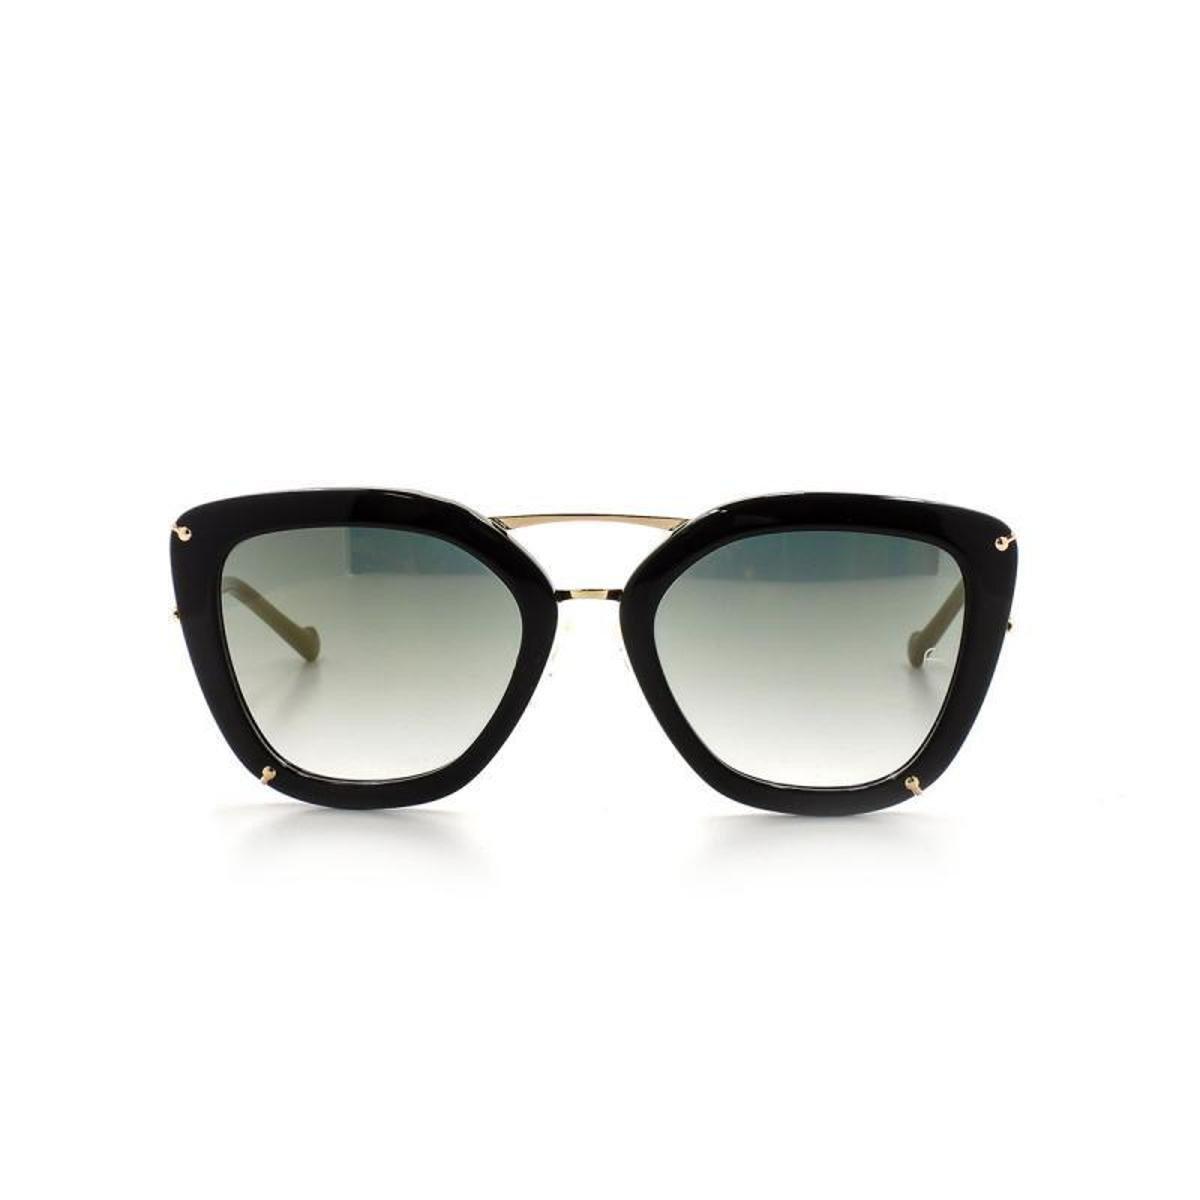 Óculos De Sol Ana Hickmann 3174 T 54 C A01 Clássico - Compre Agora ... e078d531fa